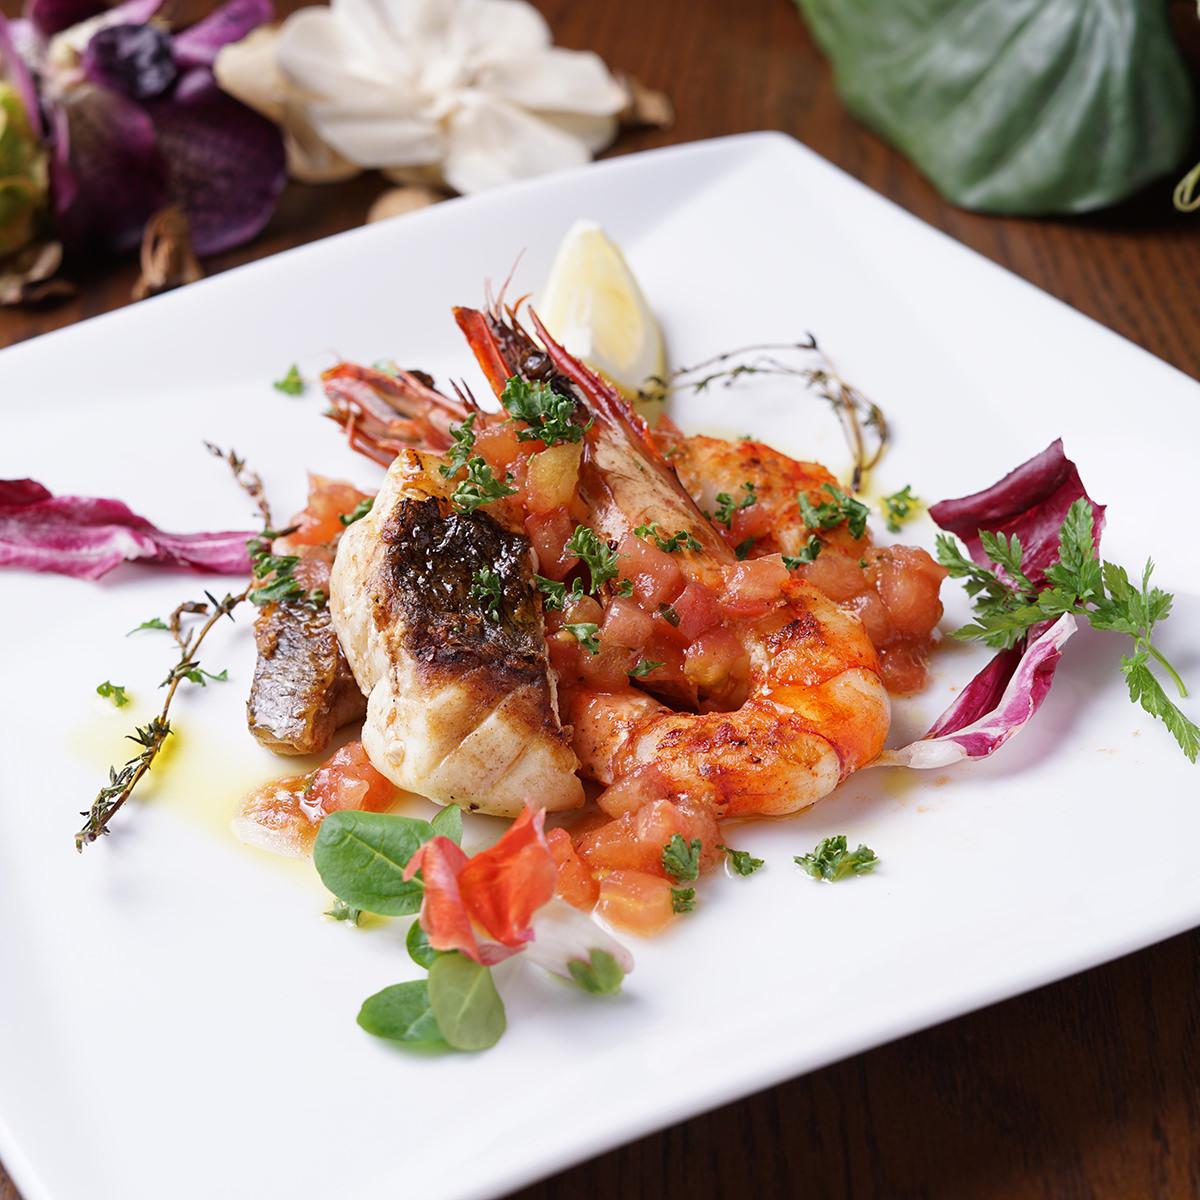 白身魚と有頭エビの香草グリル フレッシュトマトソース